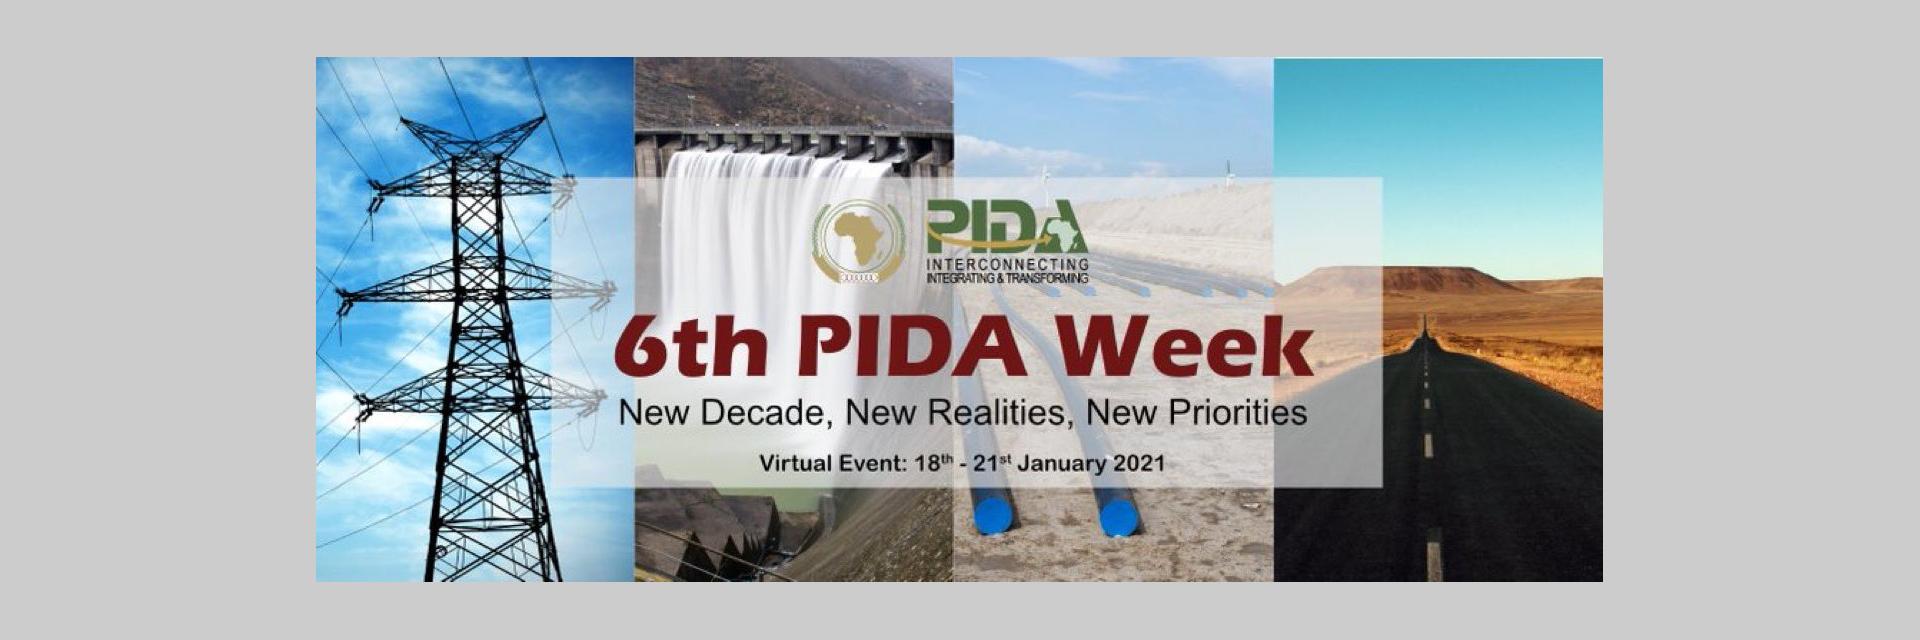 6th PIDA Week